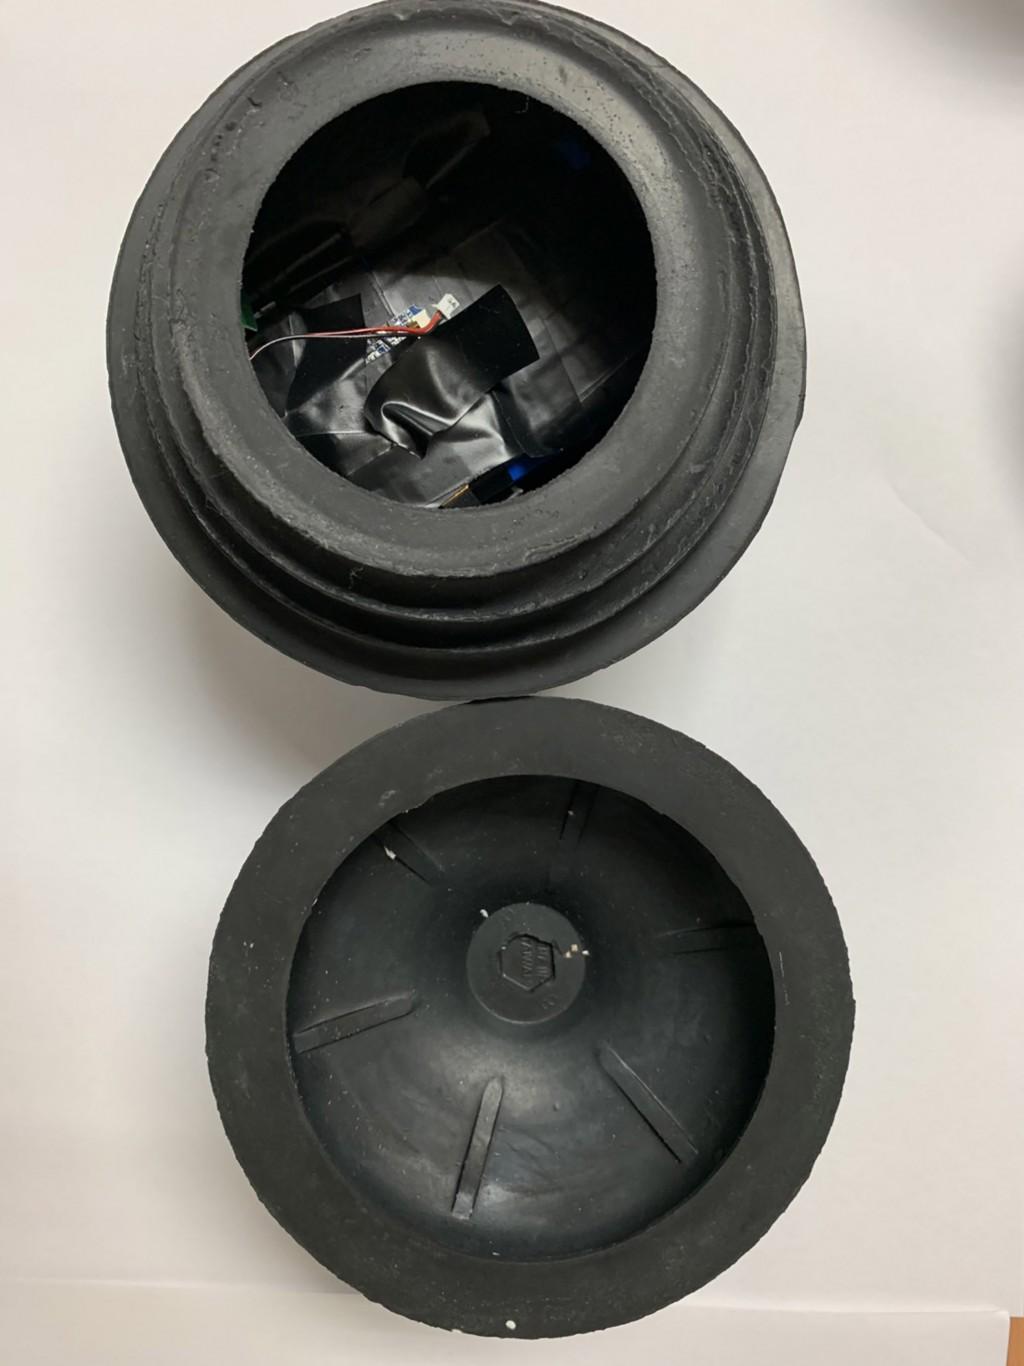 北市一間超商驚傳廁所的通便器吸盤遭人裝設針孔攝影 機,圖為贓證物(照片來源:台北市中正第二分局/中央社提供)